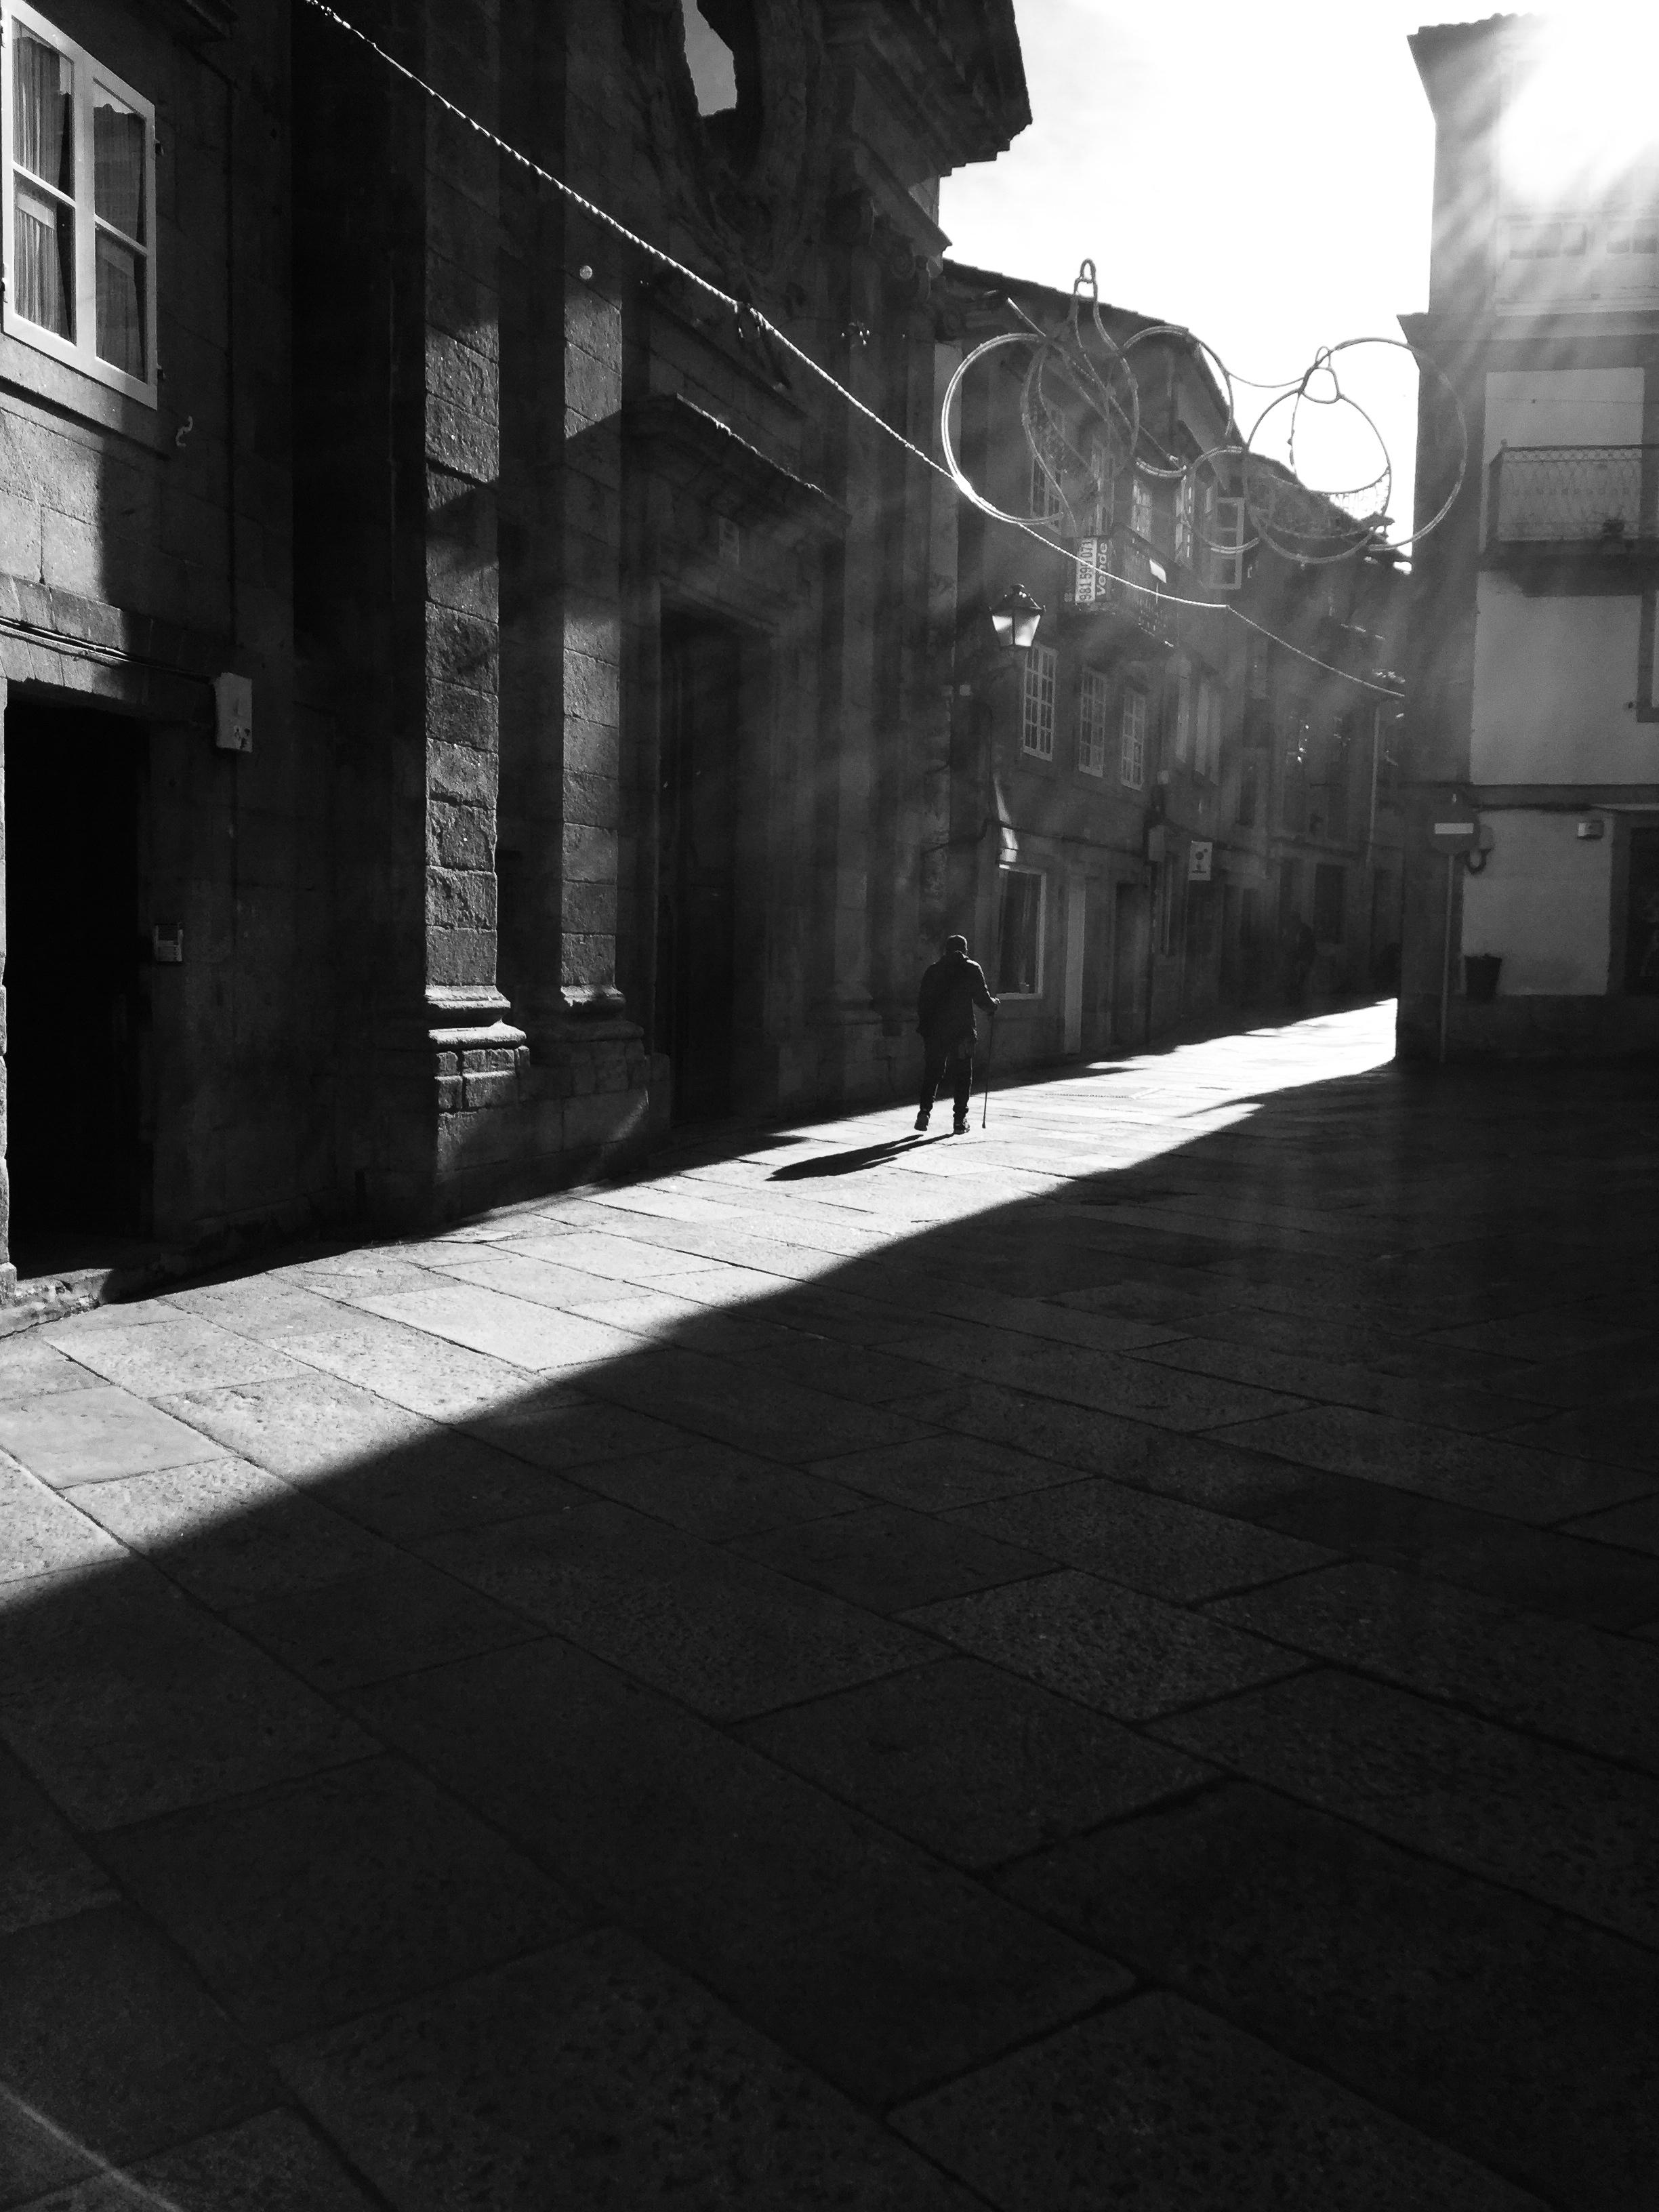 Photo by B.A. Van Sise